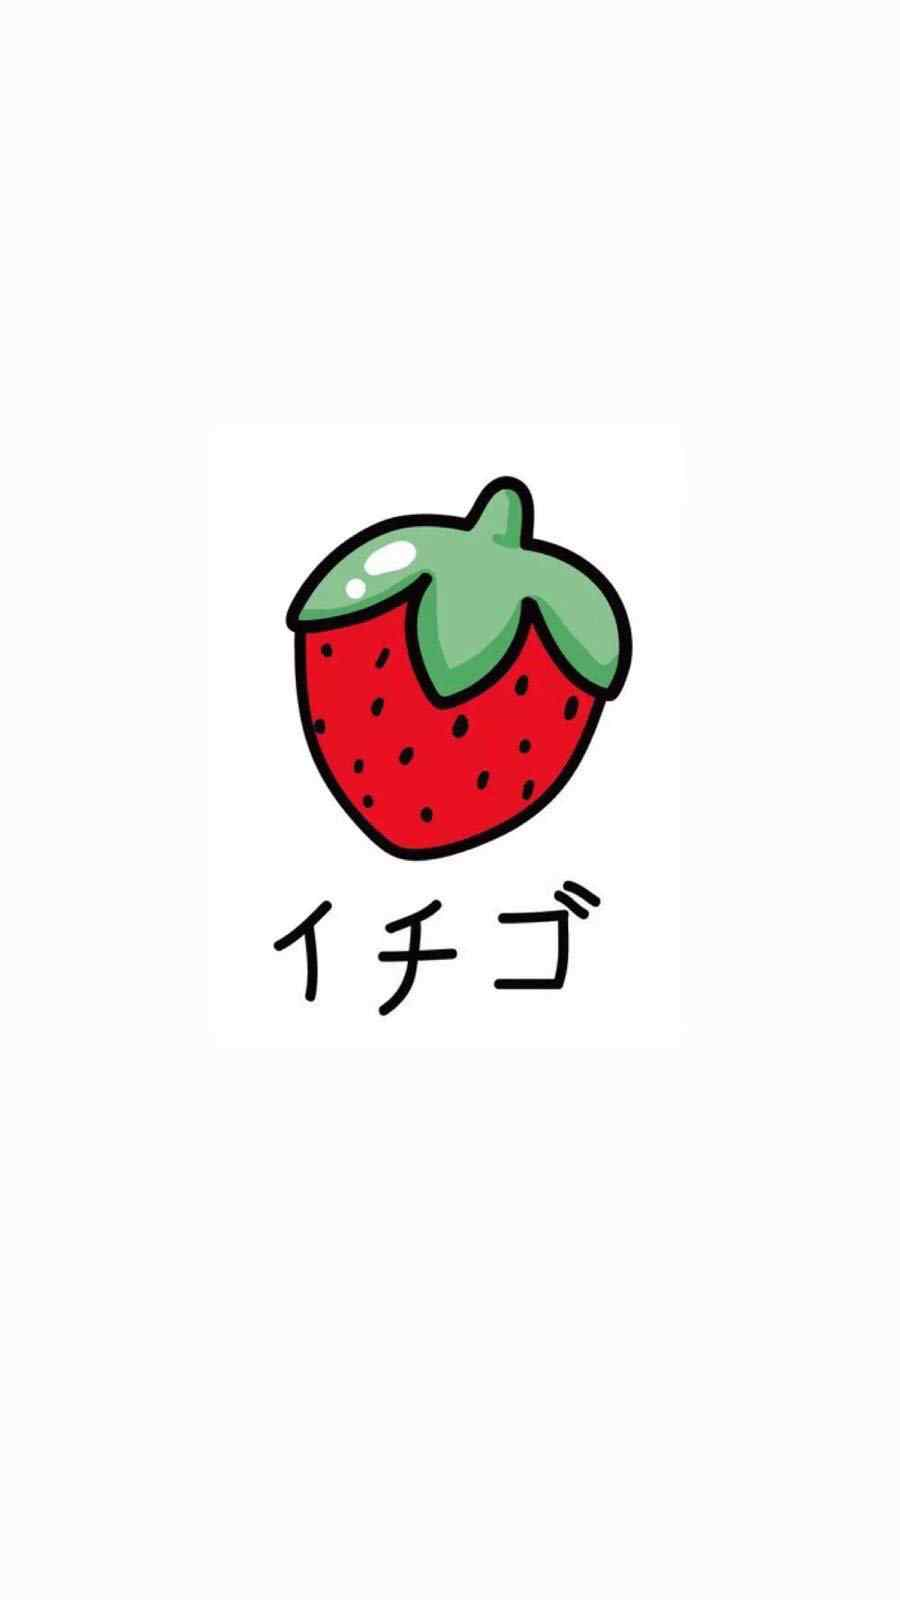 日式小清新简约草莓手机壁纸